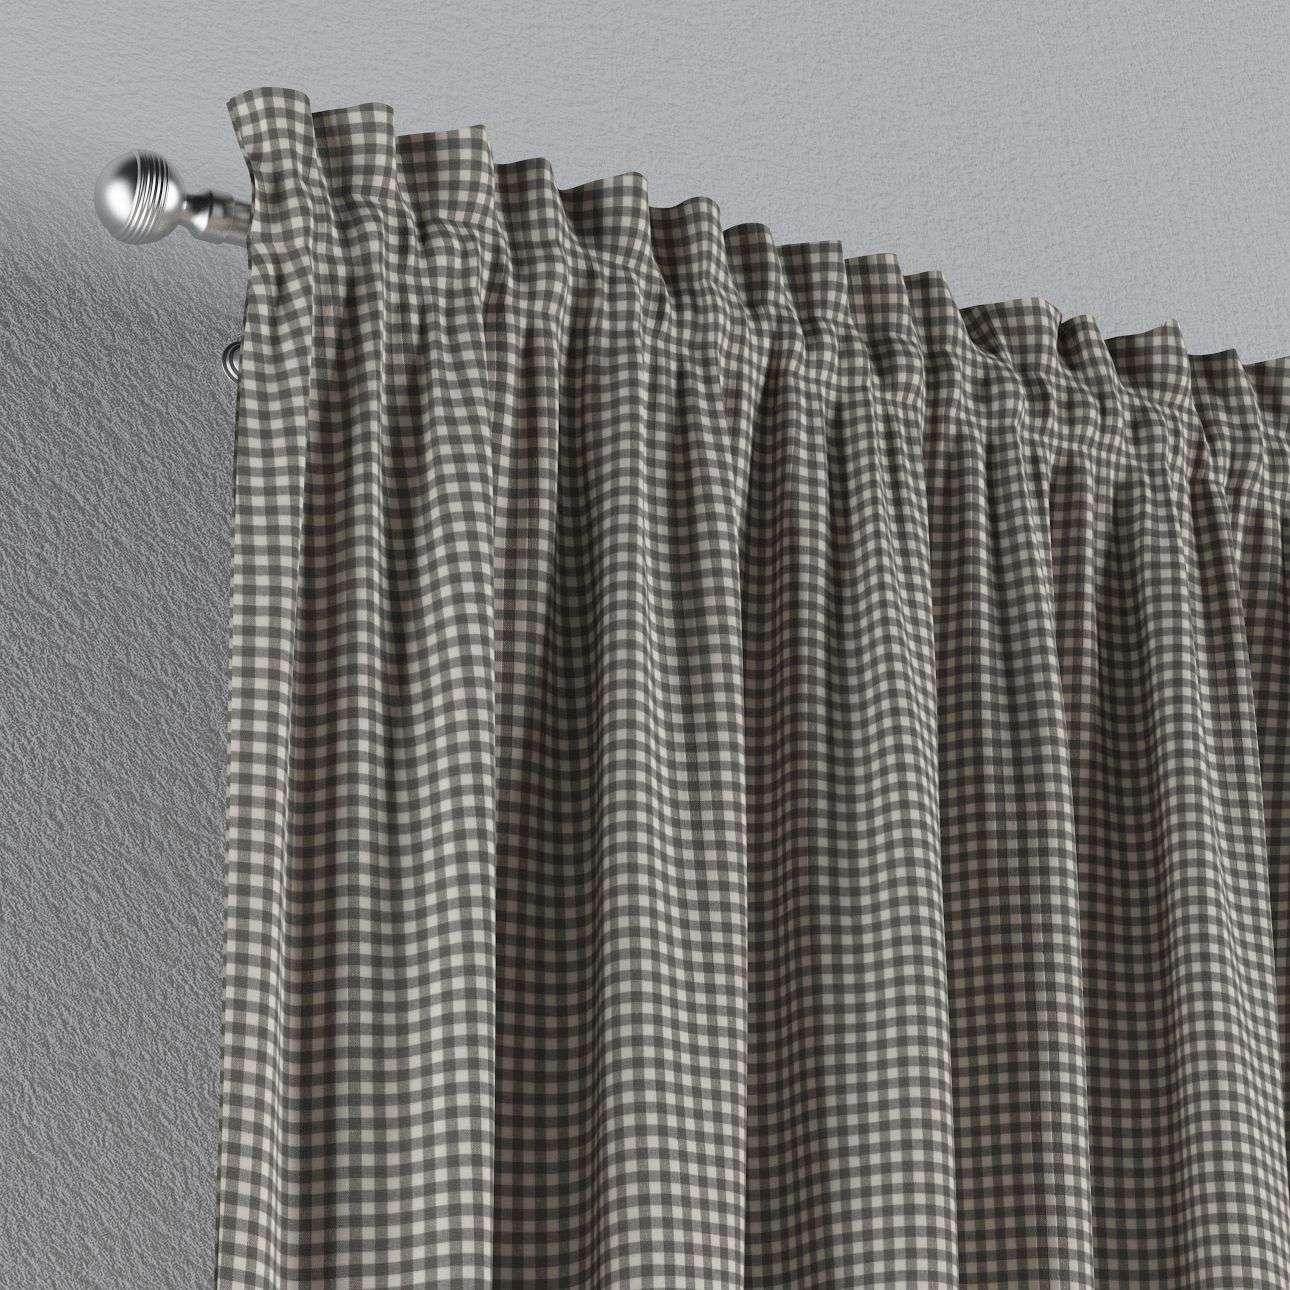 Zasłona na kanale z grzywką 1 szt. 1szt 130x260 cm w kolekcji Quadro, tkanina: 136-10